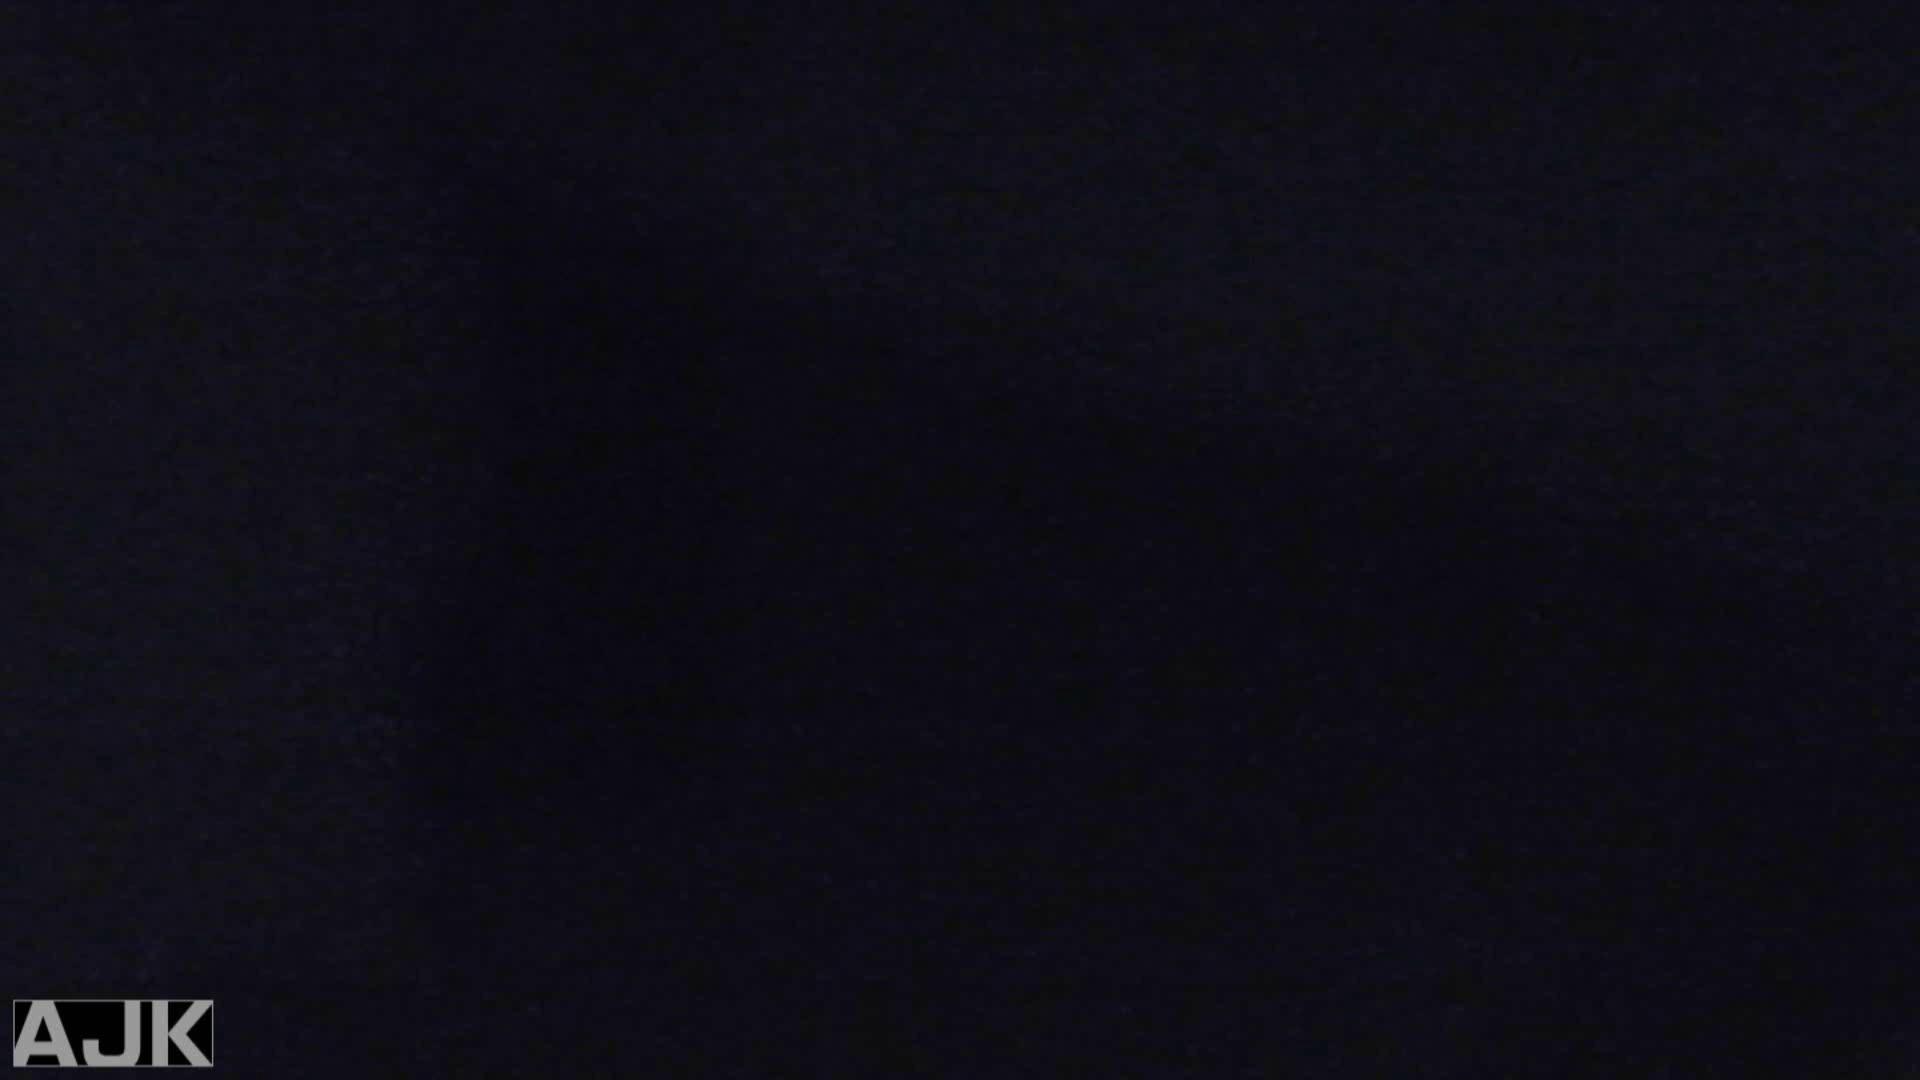 隣国上階級エリアの令嬢たちが集うデパートお手洗い Vol.17 マンコ 濡れ場動画紹介 86画像 14